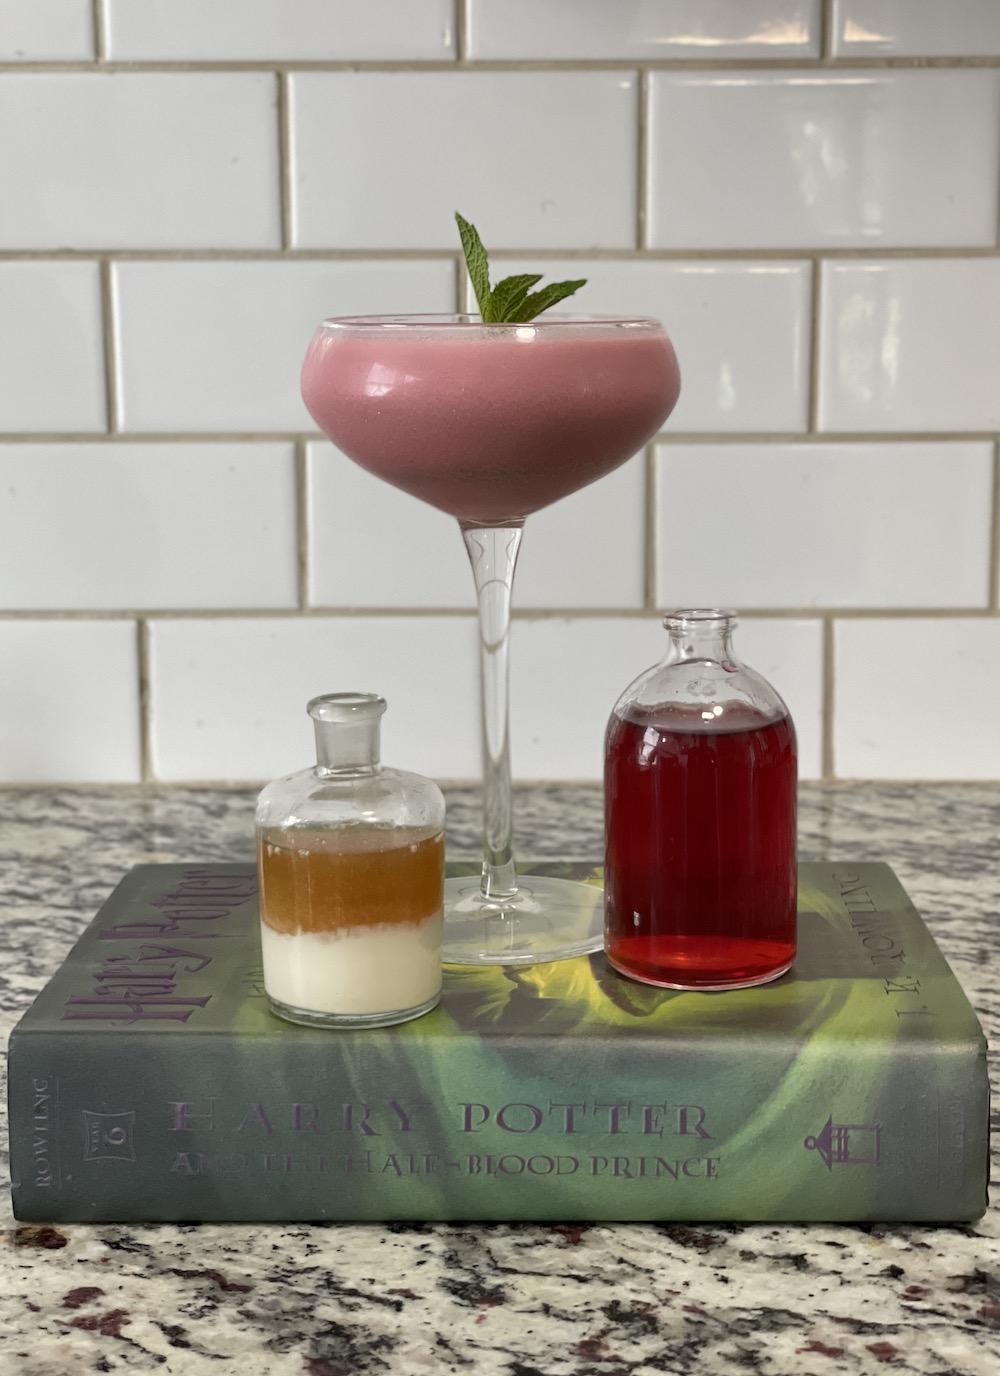 Amortentia Potion & Book